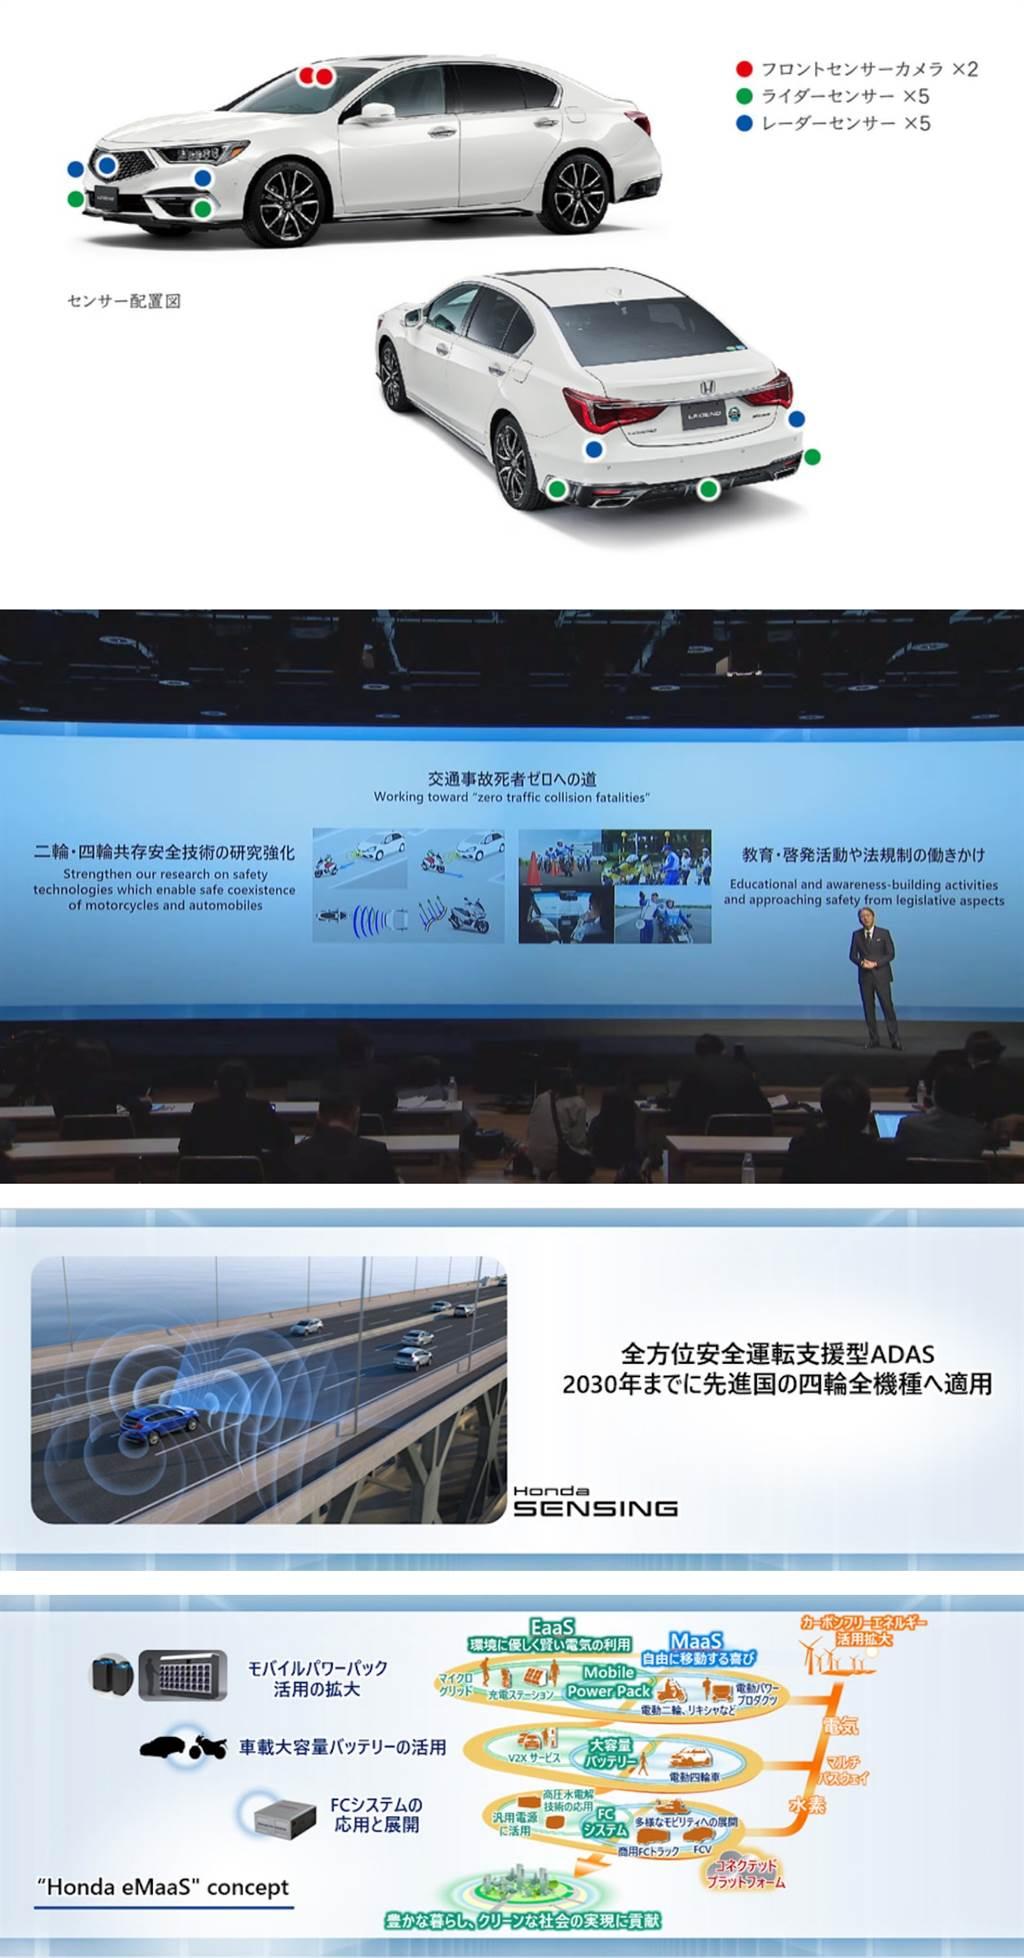 Honda新任社長三部敏宏上任發表全新「電氣化戰略」、2040年純電車/氫燃料車型將達 100%